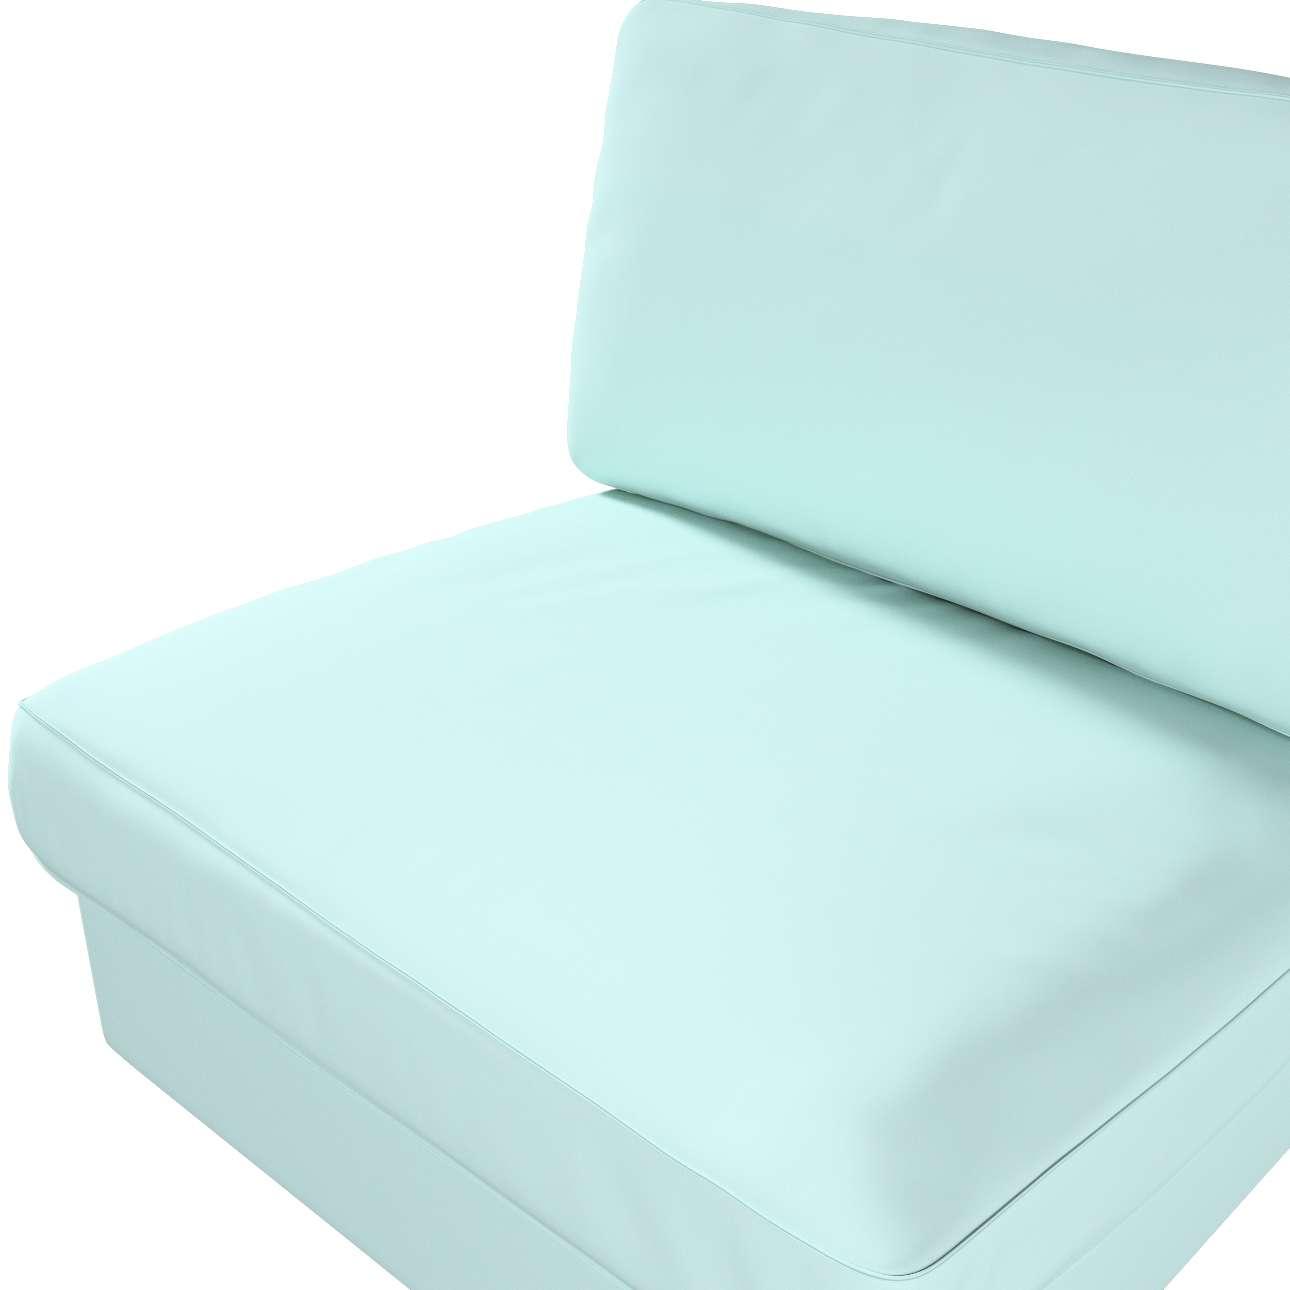 KIVIK fotelio/vienvietės dalies užvalkalas kolekcijoje Cotton Panama, audinys: 702-10